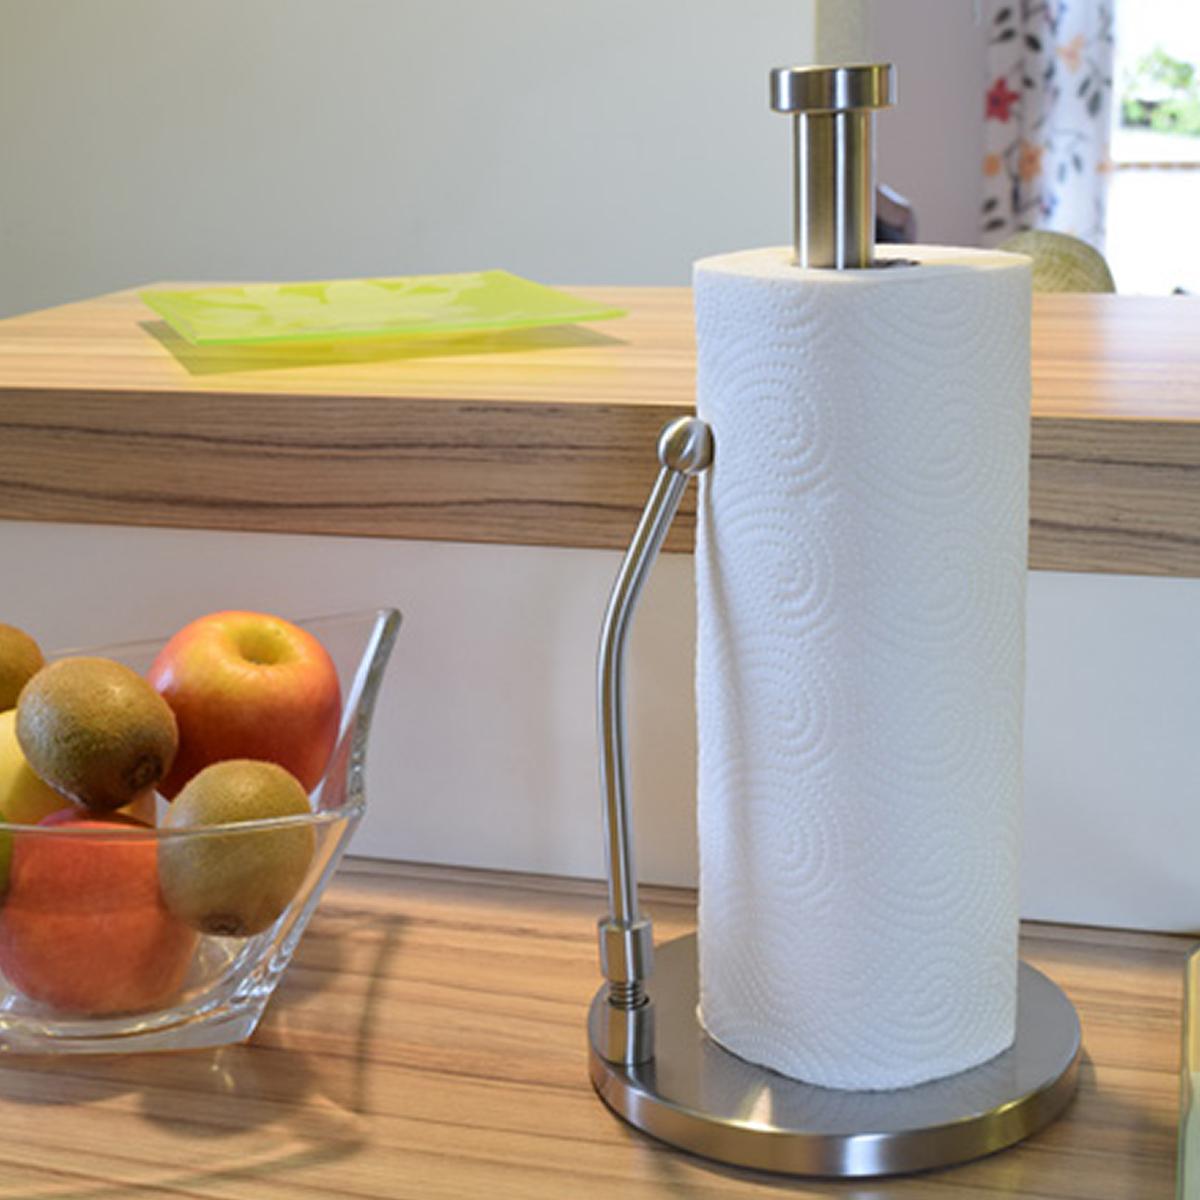 Milu Küchenrollenhalter stehend Papierrollenhalter Küche stehender  Rollenhalter aus Edelstahl, Küche